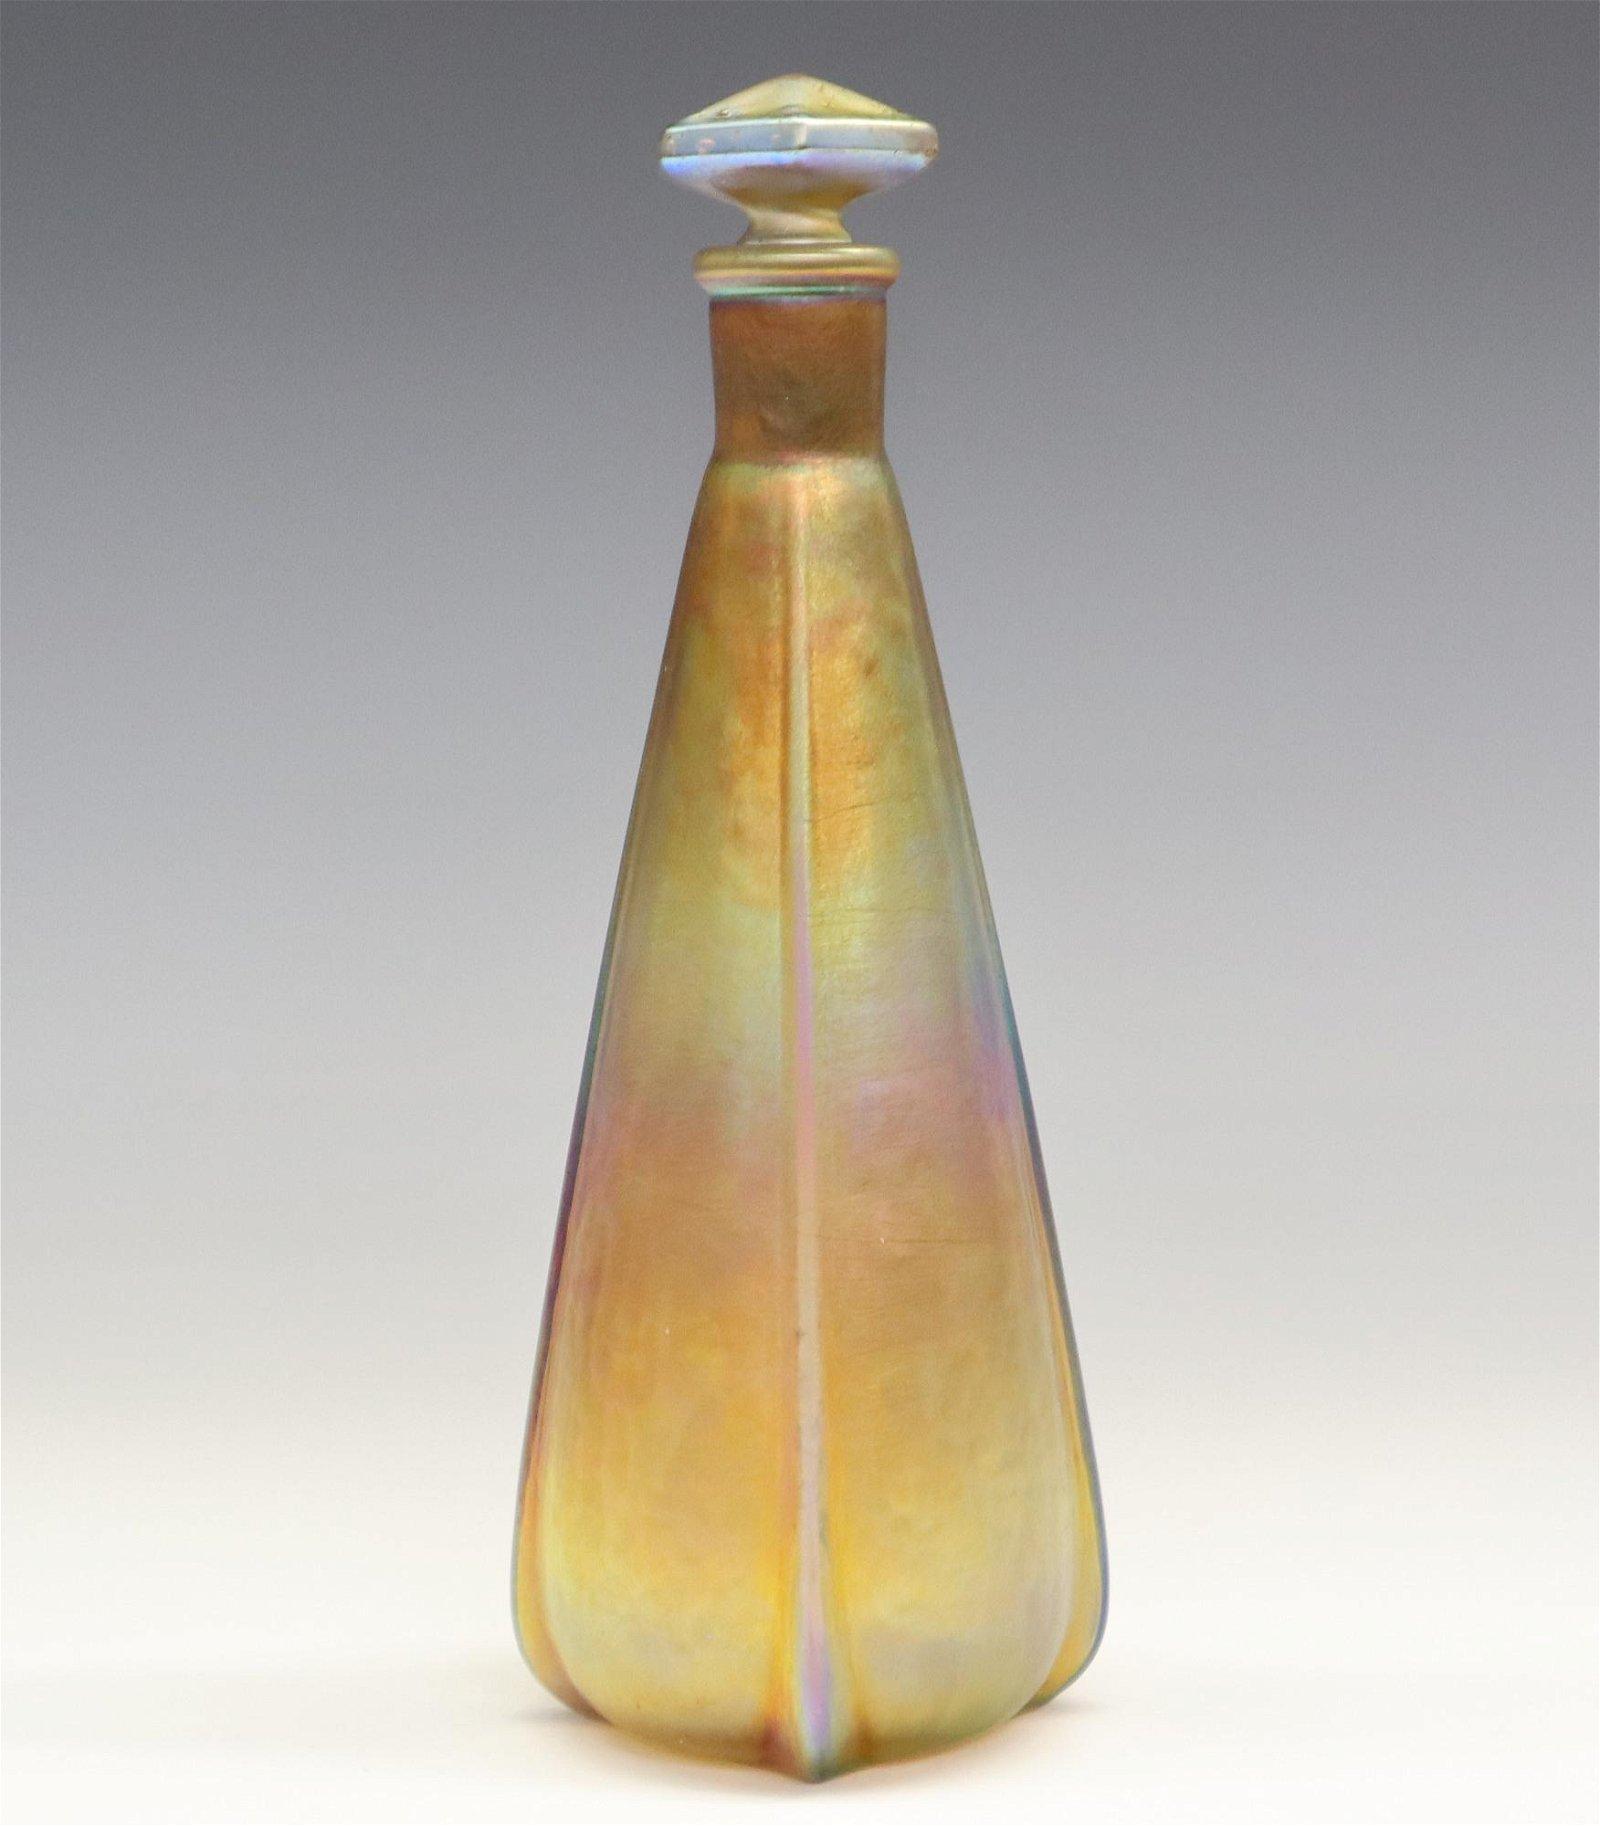 Quezal Melba Perfume